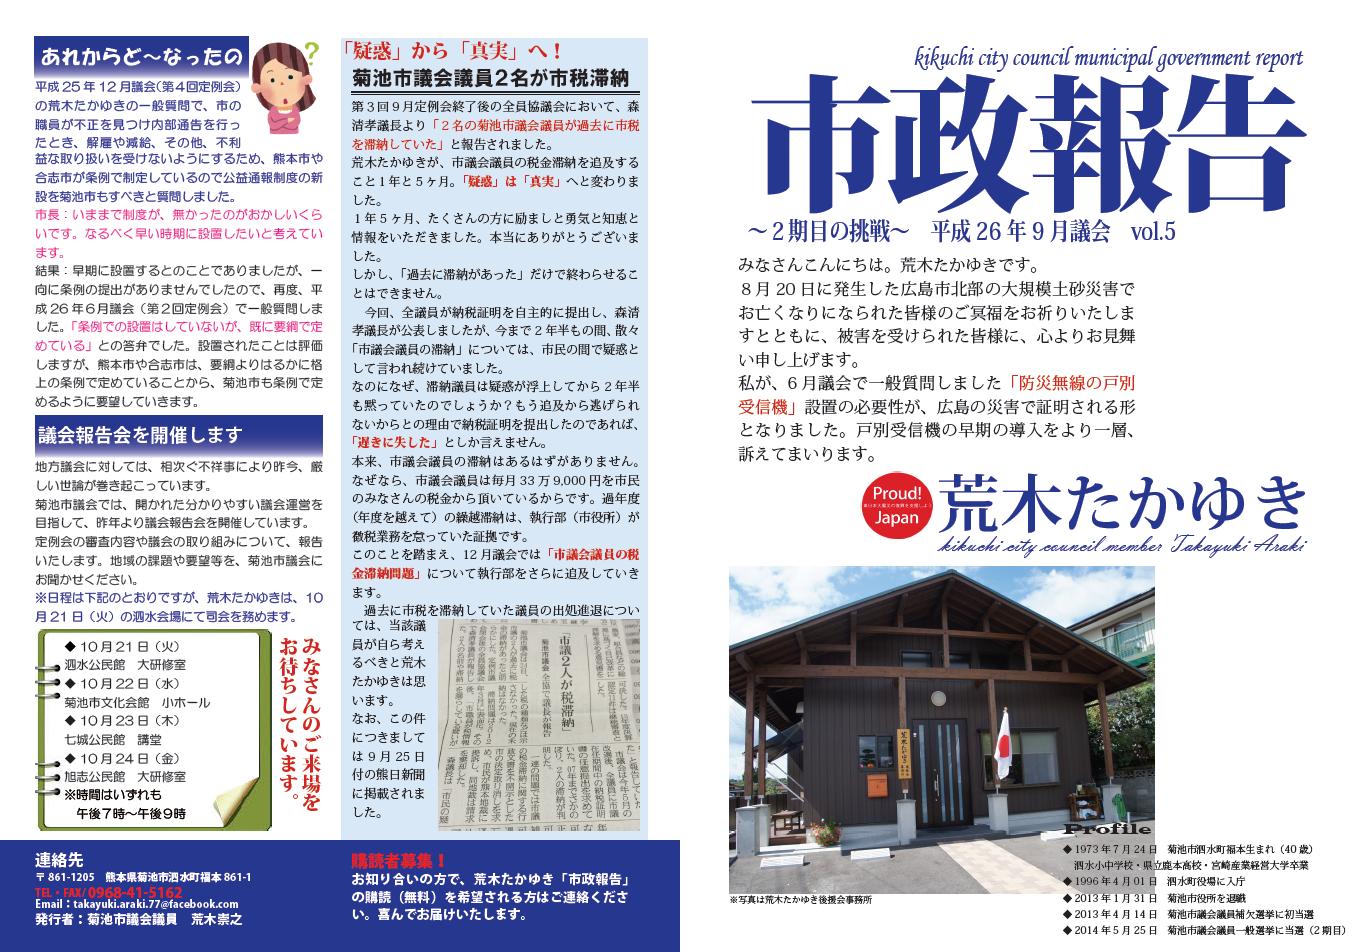 市政報告vol5-1